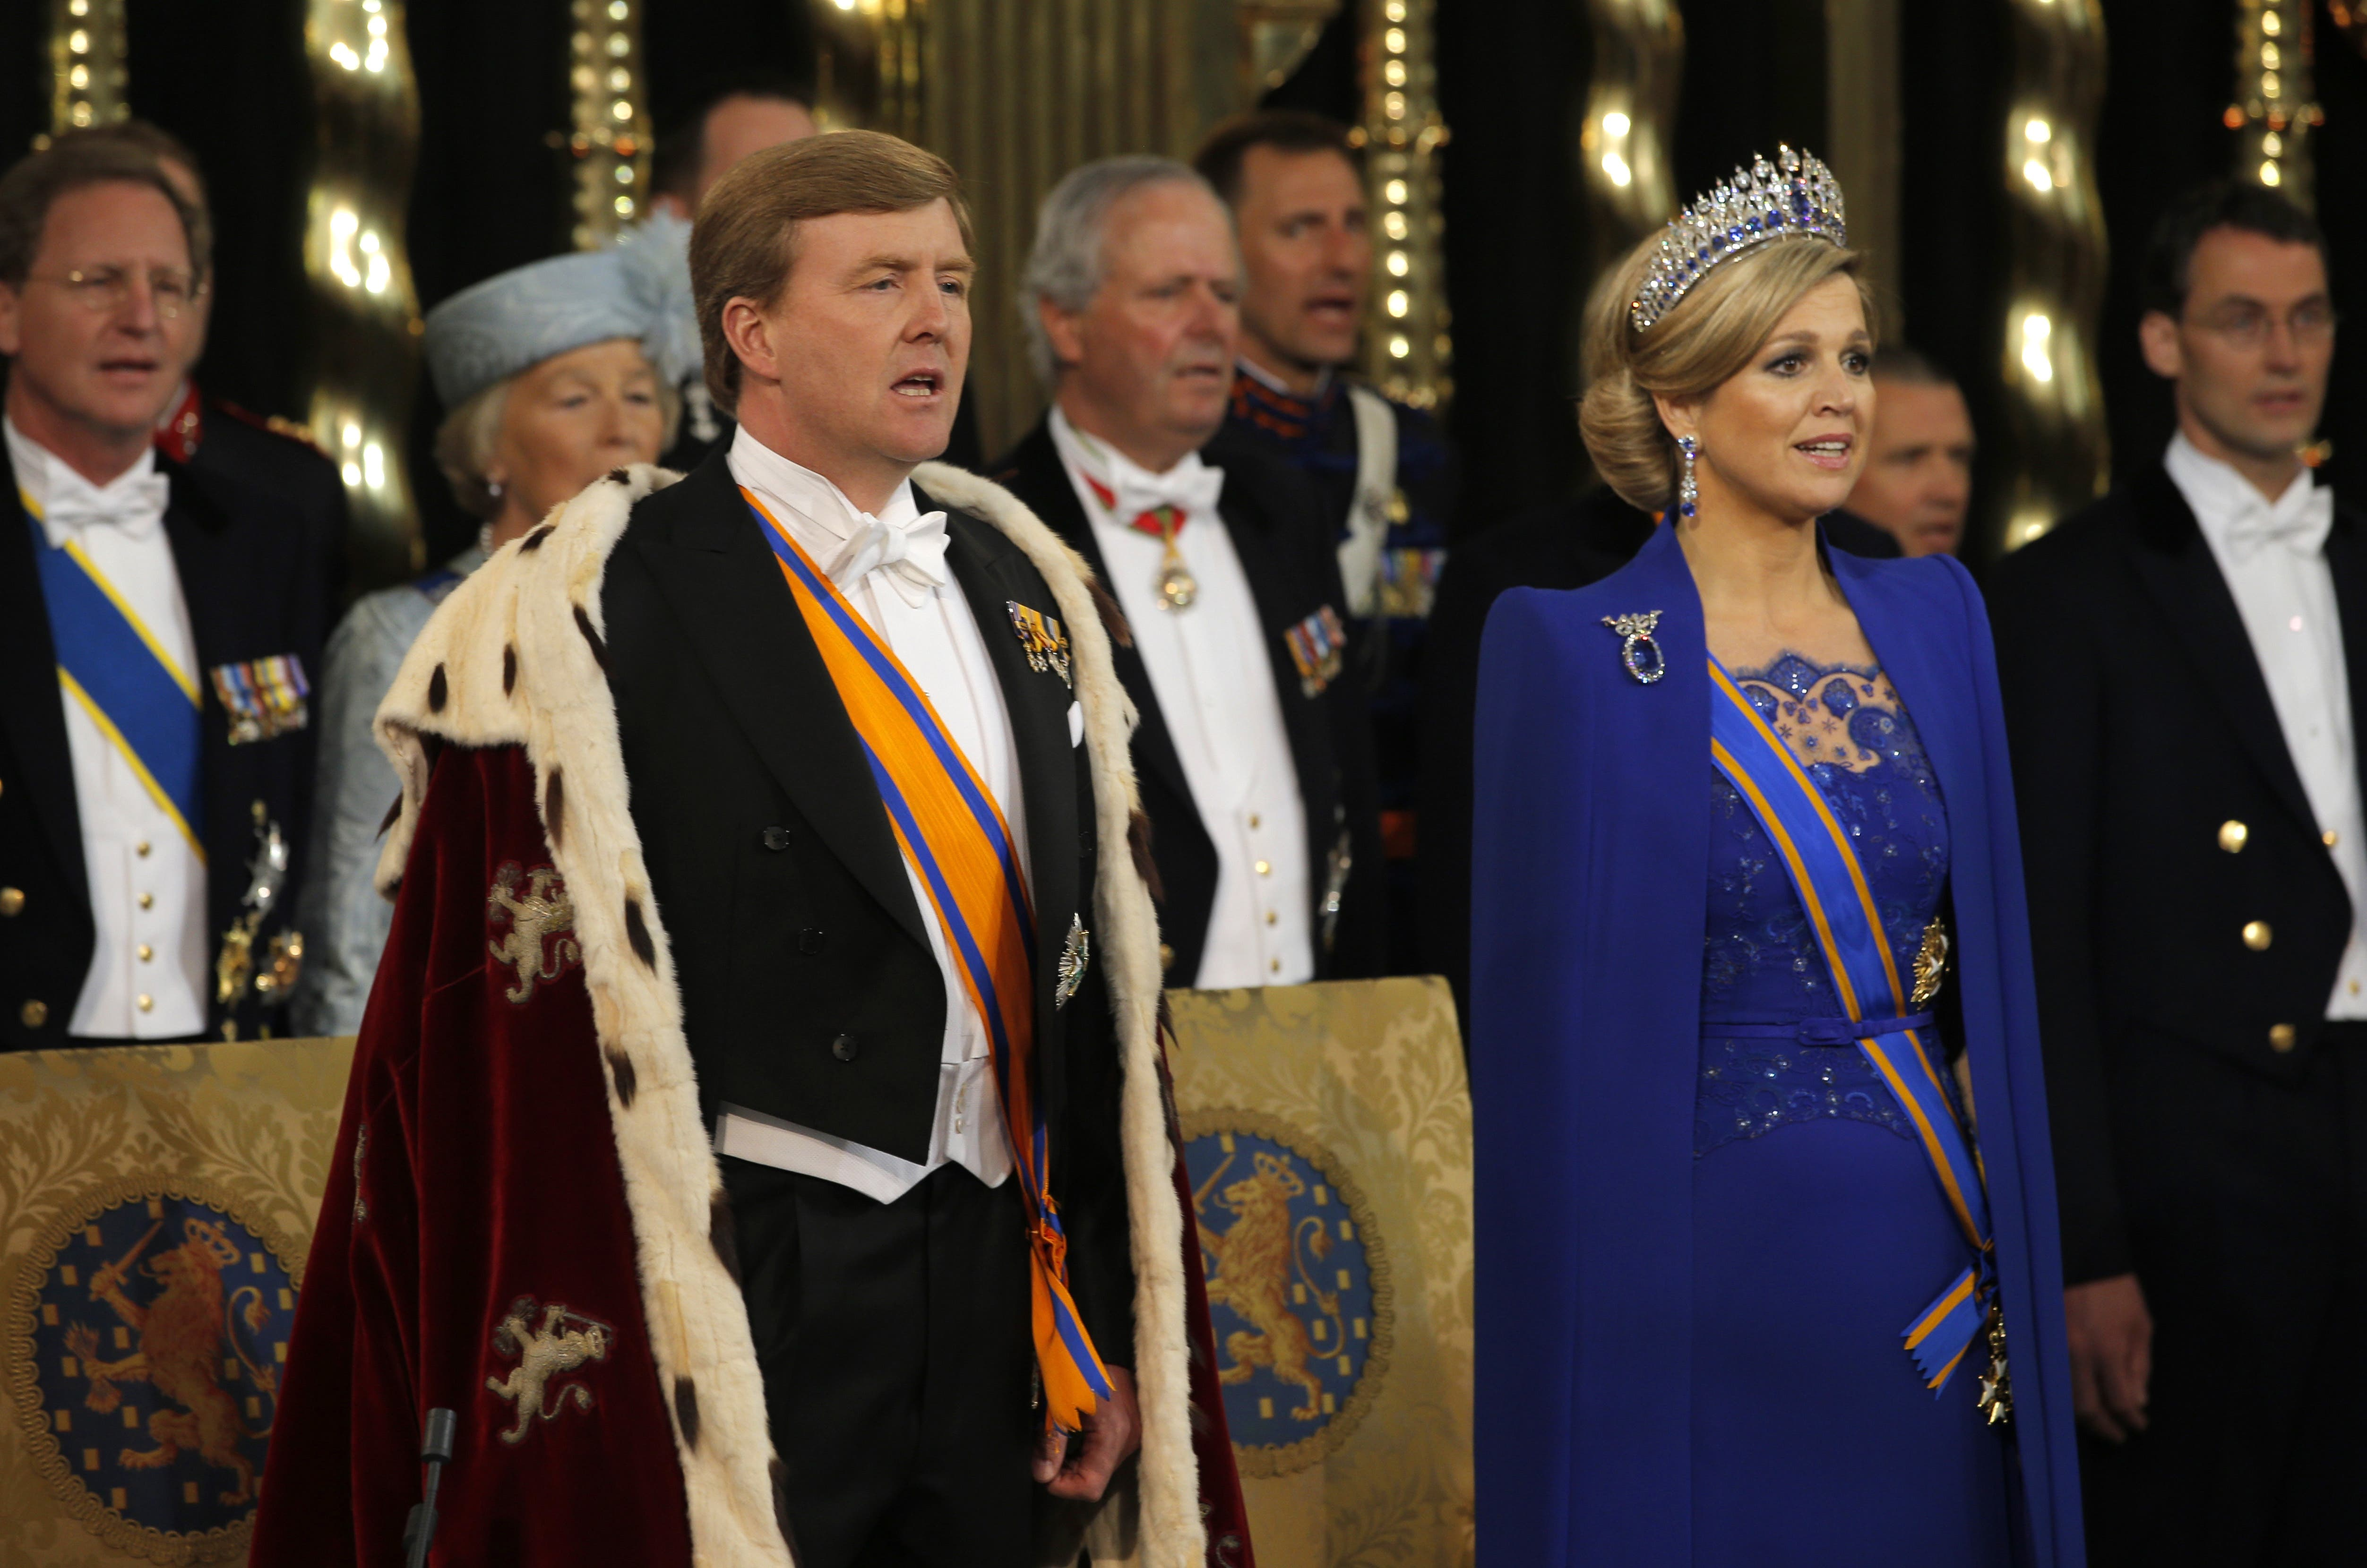 Luego del paso formal de abdicación de Beatriz, Guillermo y Máxima fueron a Nieuwe Kerk, durante se realizó ceremonia de investidura. Foto: /AP